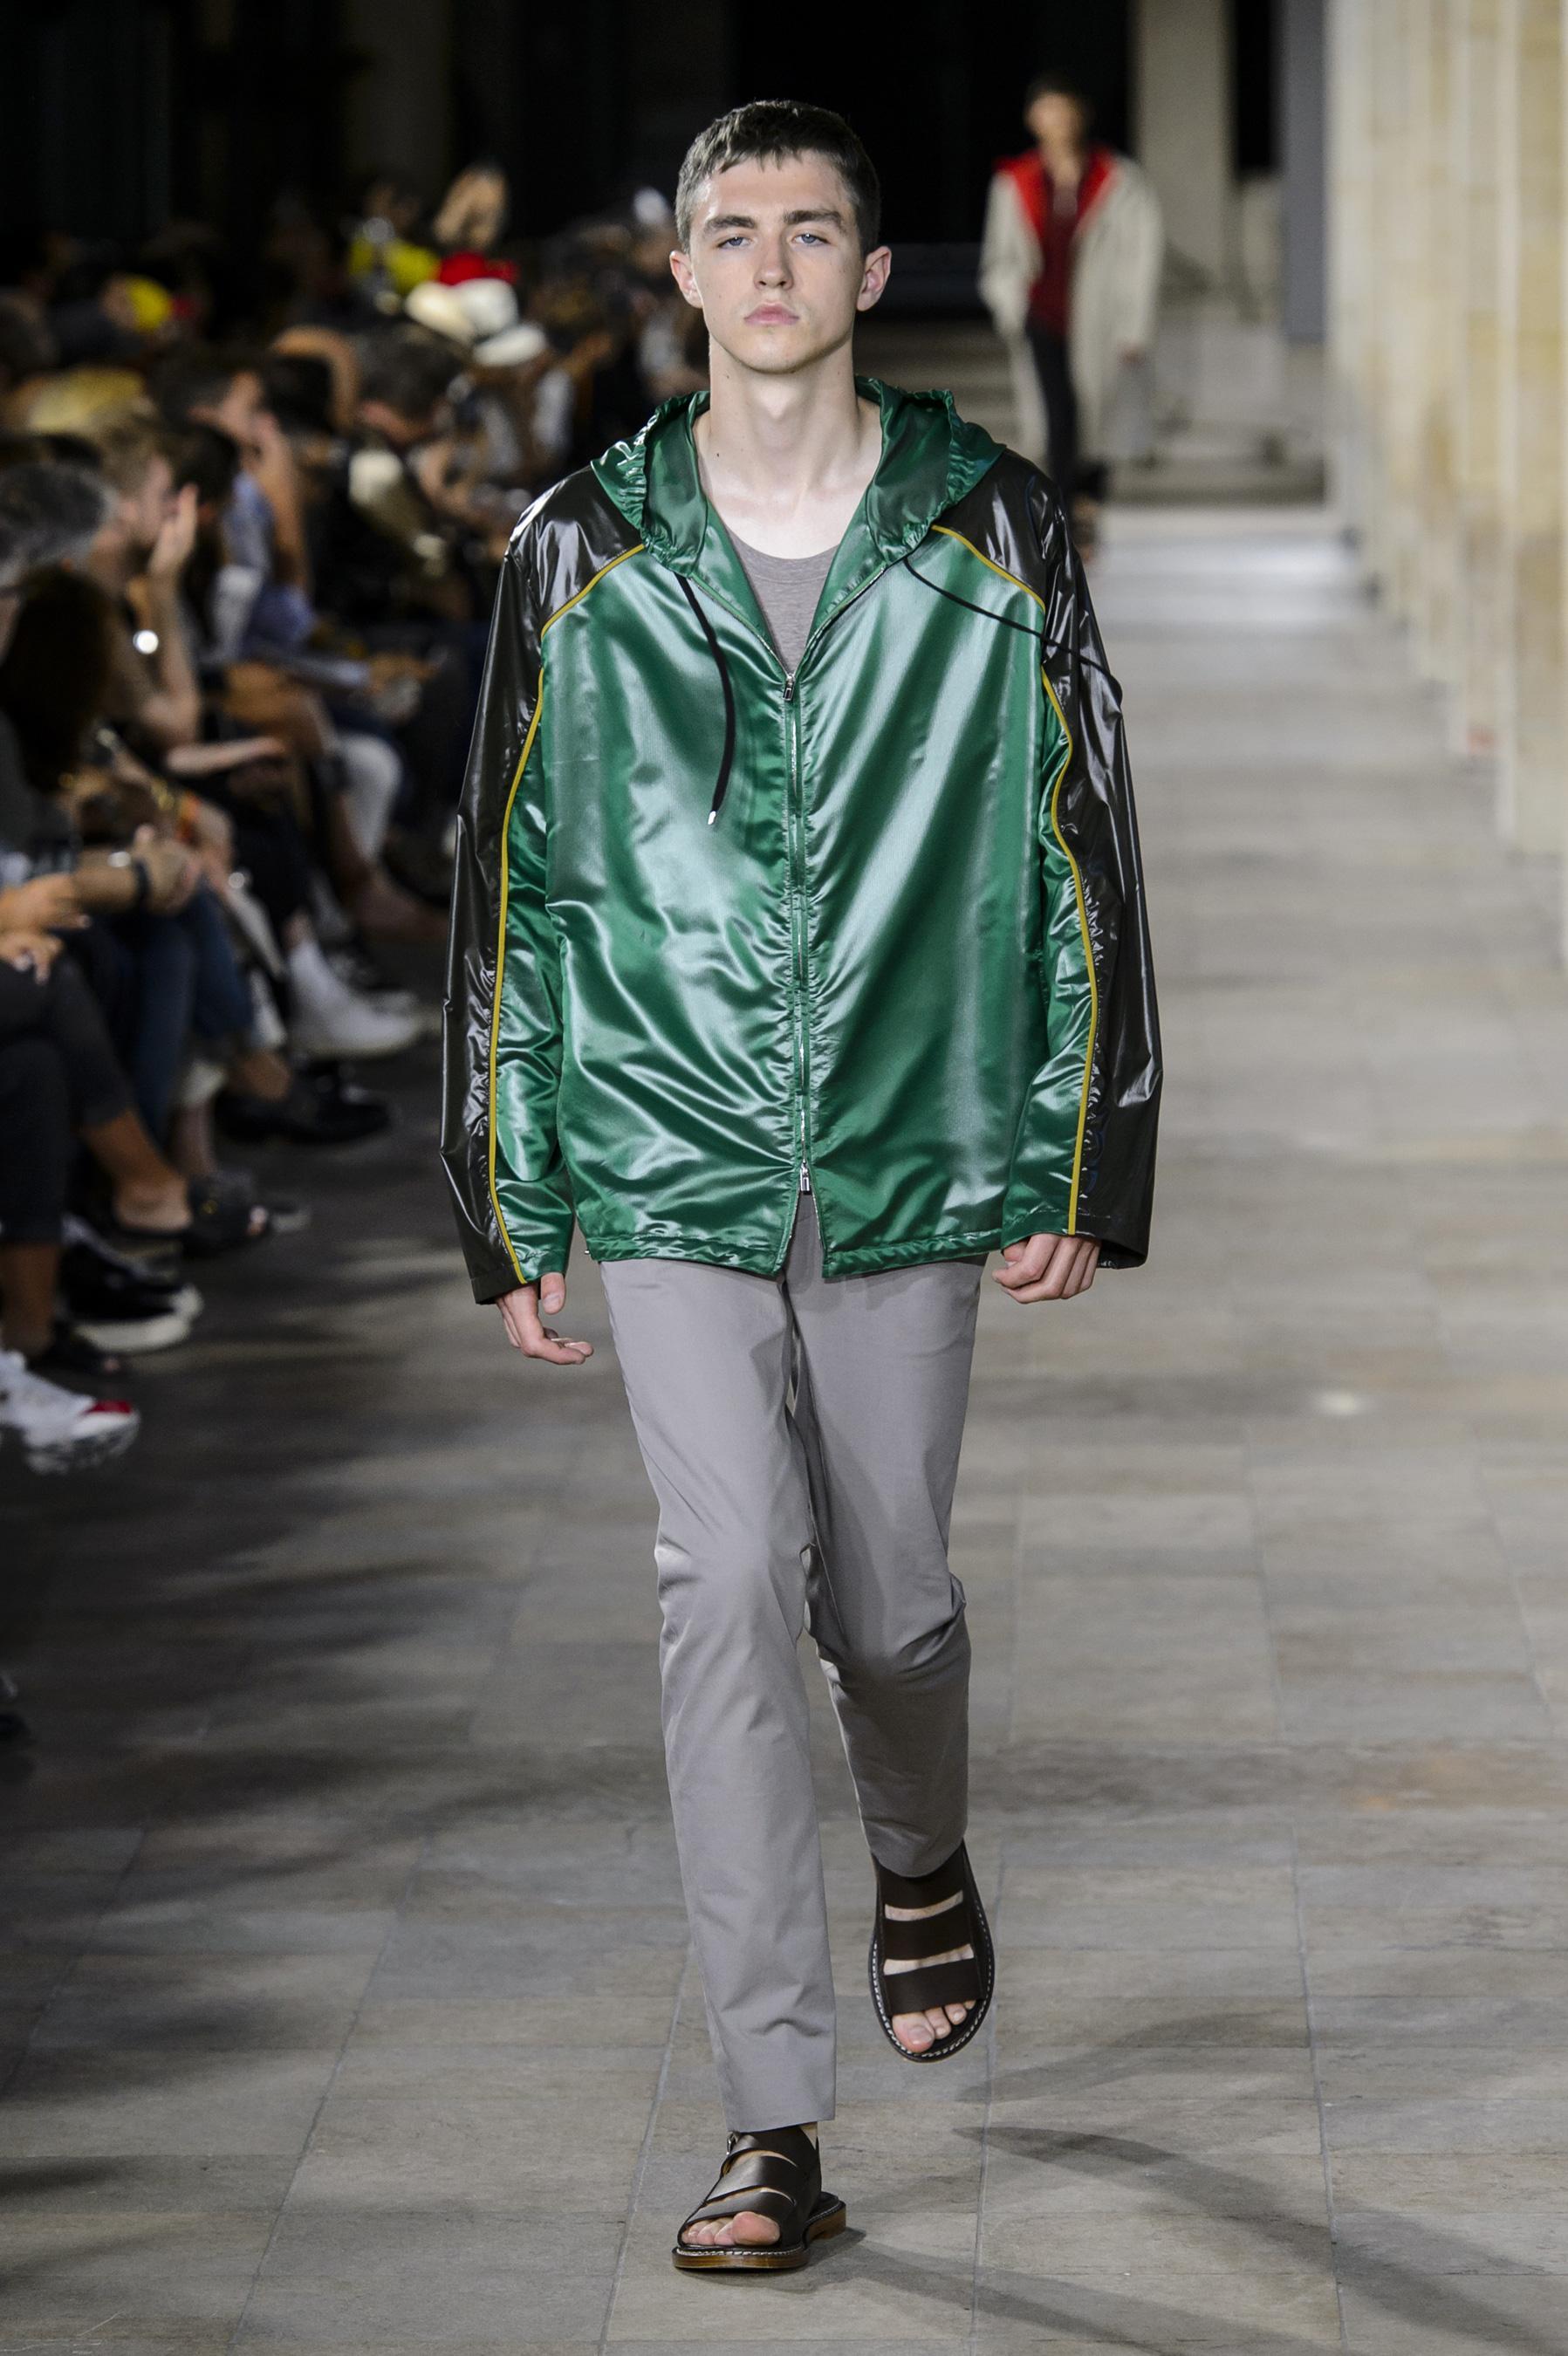 Défilé Hermès printemps-été 2018, Paris - Look 22. Défilé Hermès Homme  Printemps-été 2018 Paris - photo 22 Imaxtree 14c8b230852